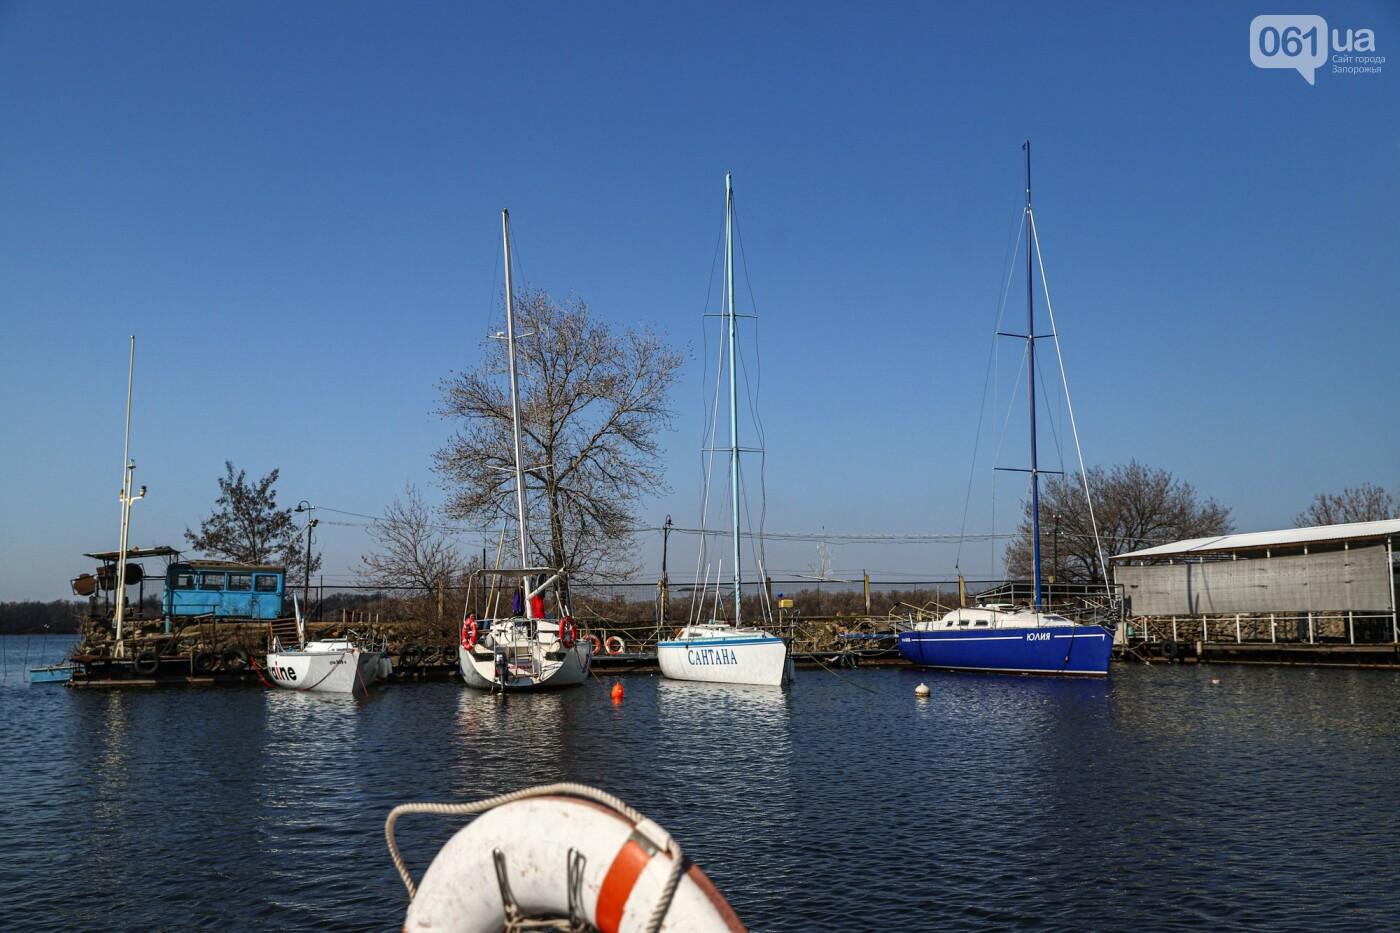 «Семь футов под килем!»: как в запорожском яхт-клубе спускали судна на воду, - ФОТОРЕПОРТАЖ , фото-41